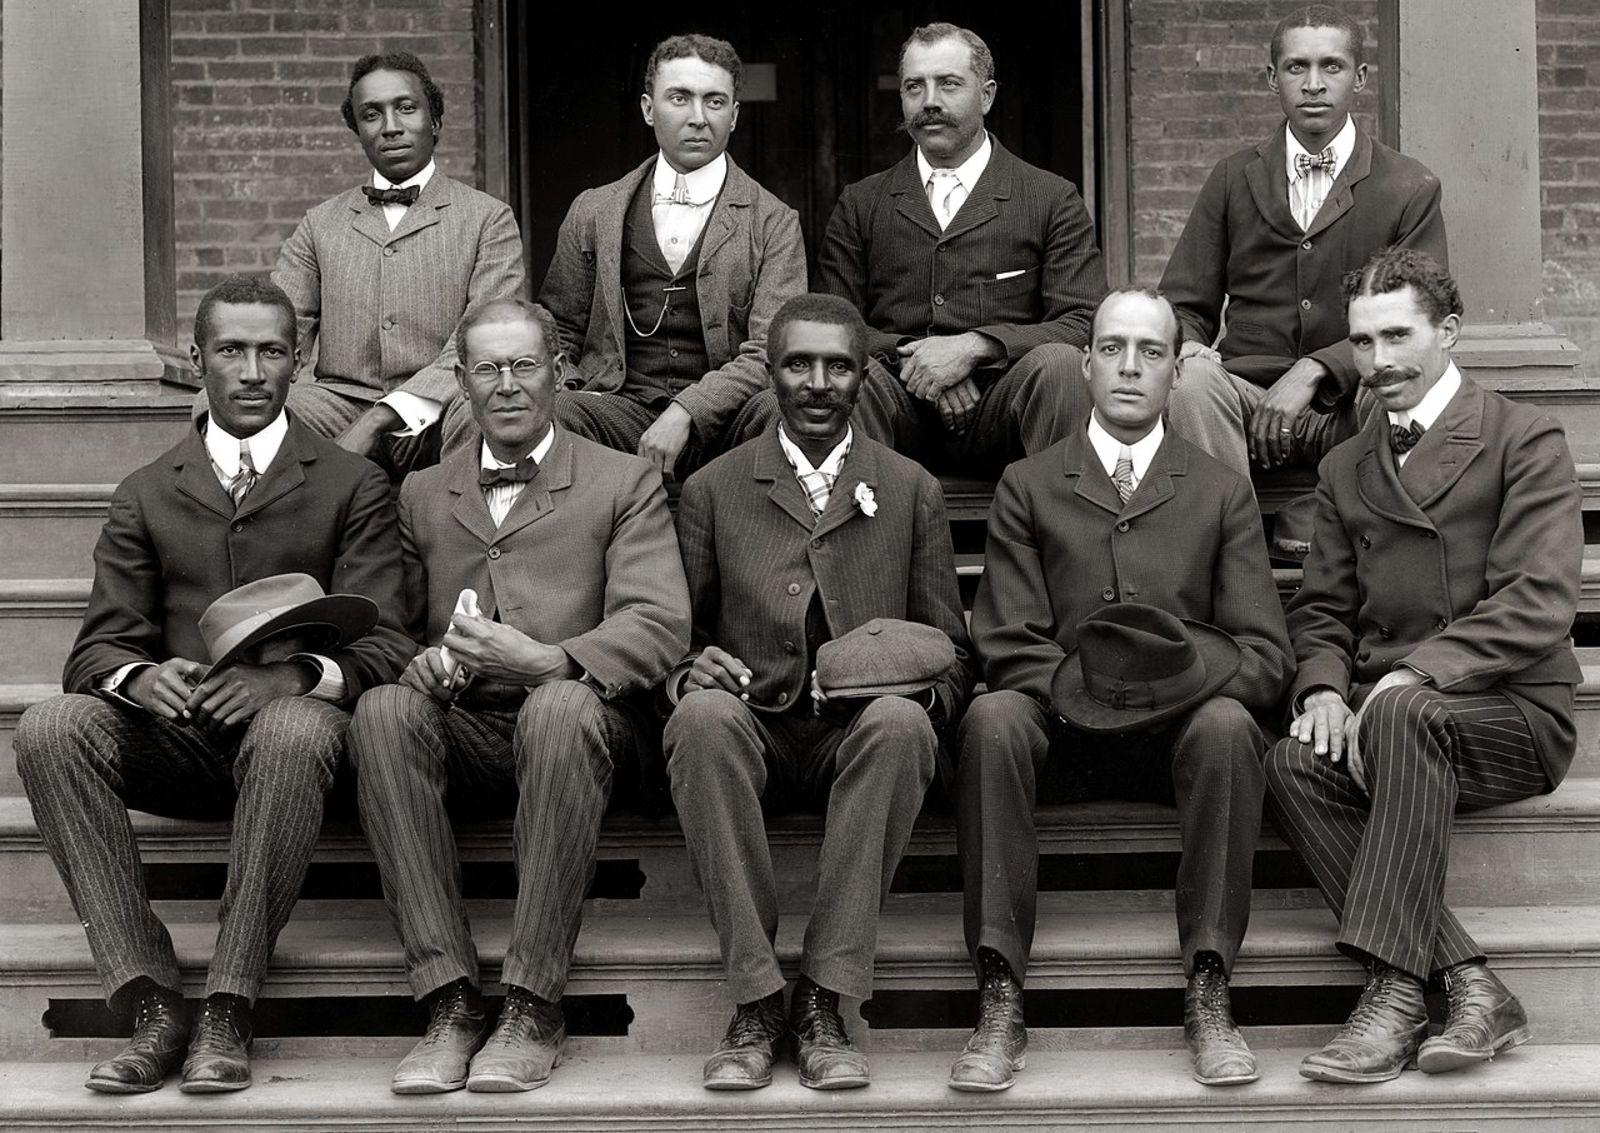 Miembros de la Universidad de Tuskegee en 1902. Wikimedia Commons